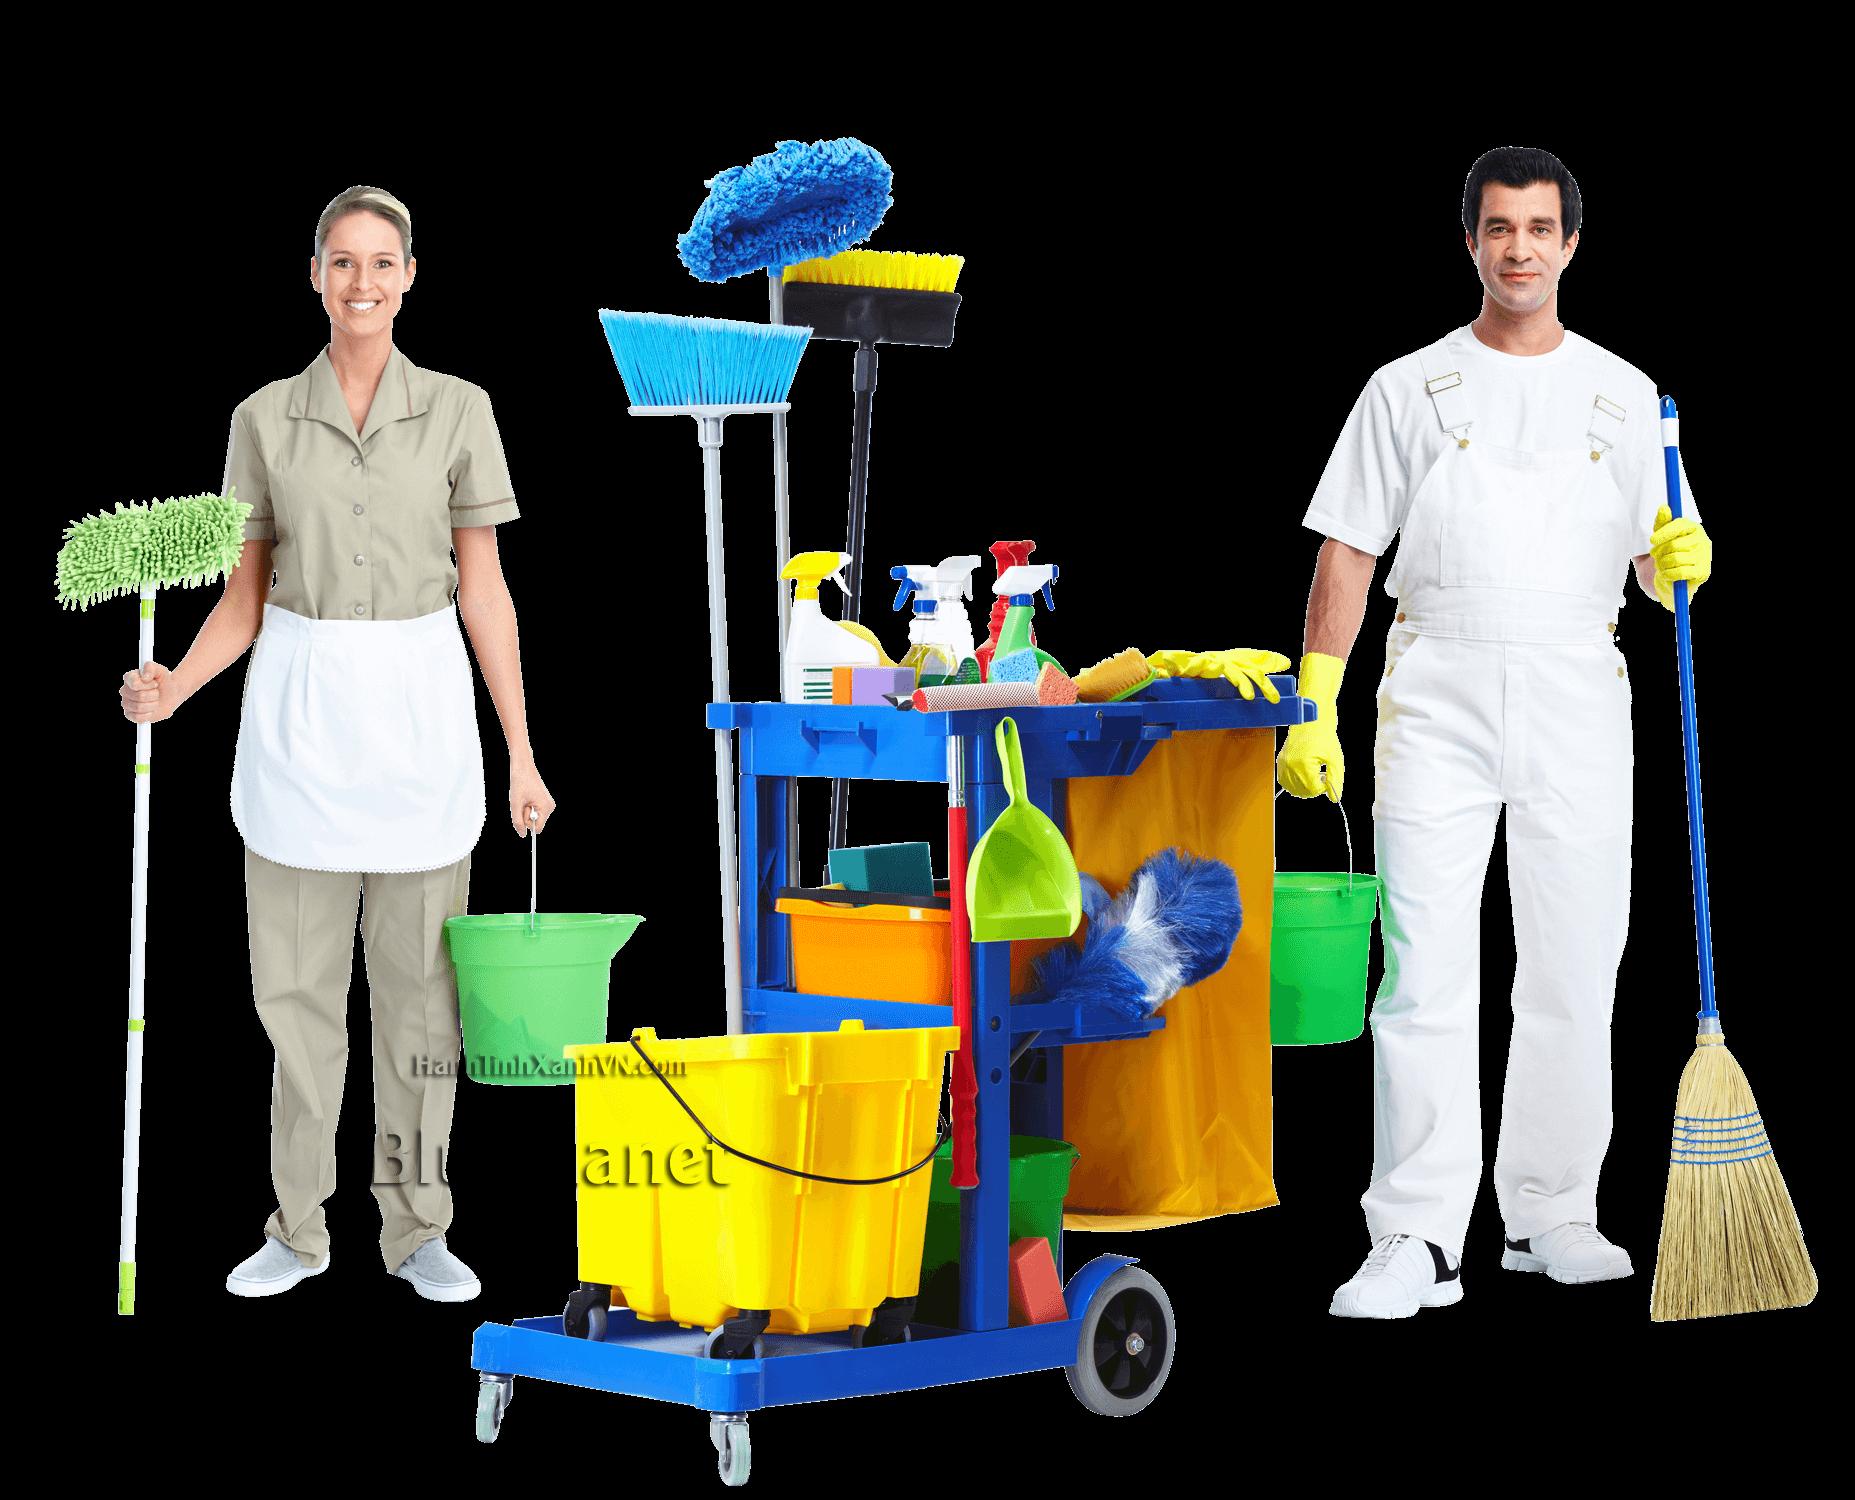 Báo giá bán Dụng cụ vệ sinh công nghiệp ở TpHCM giá rẻ - BluePlanet 1900.633.945